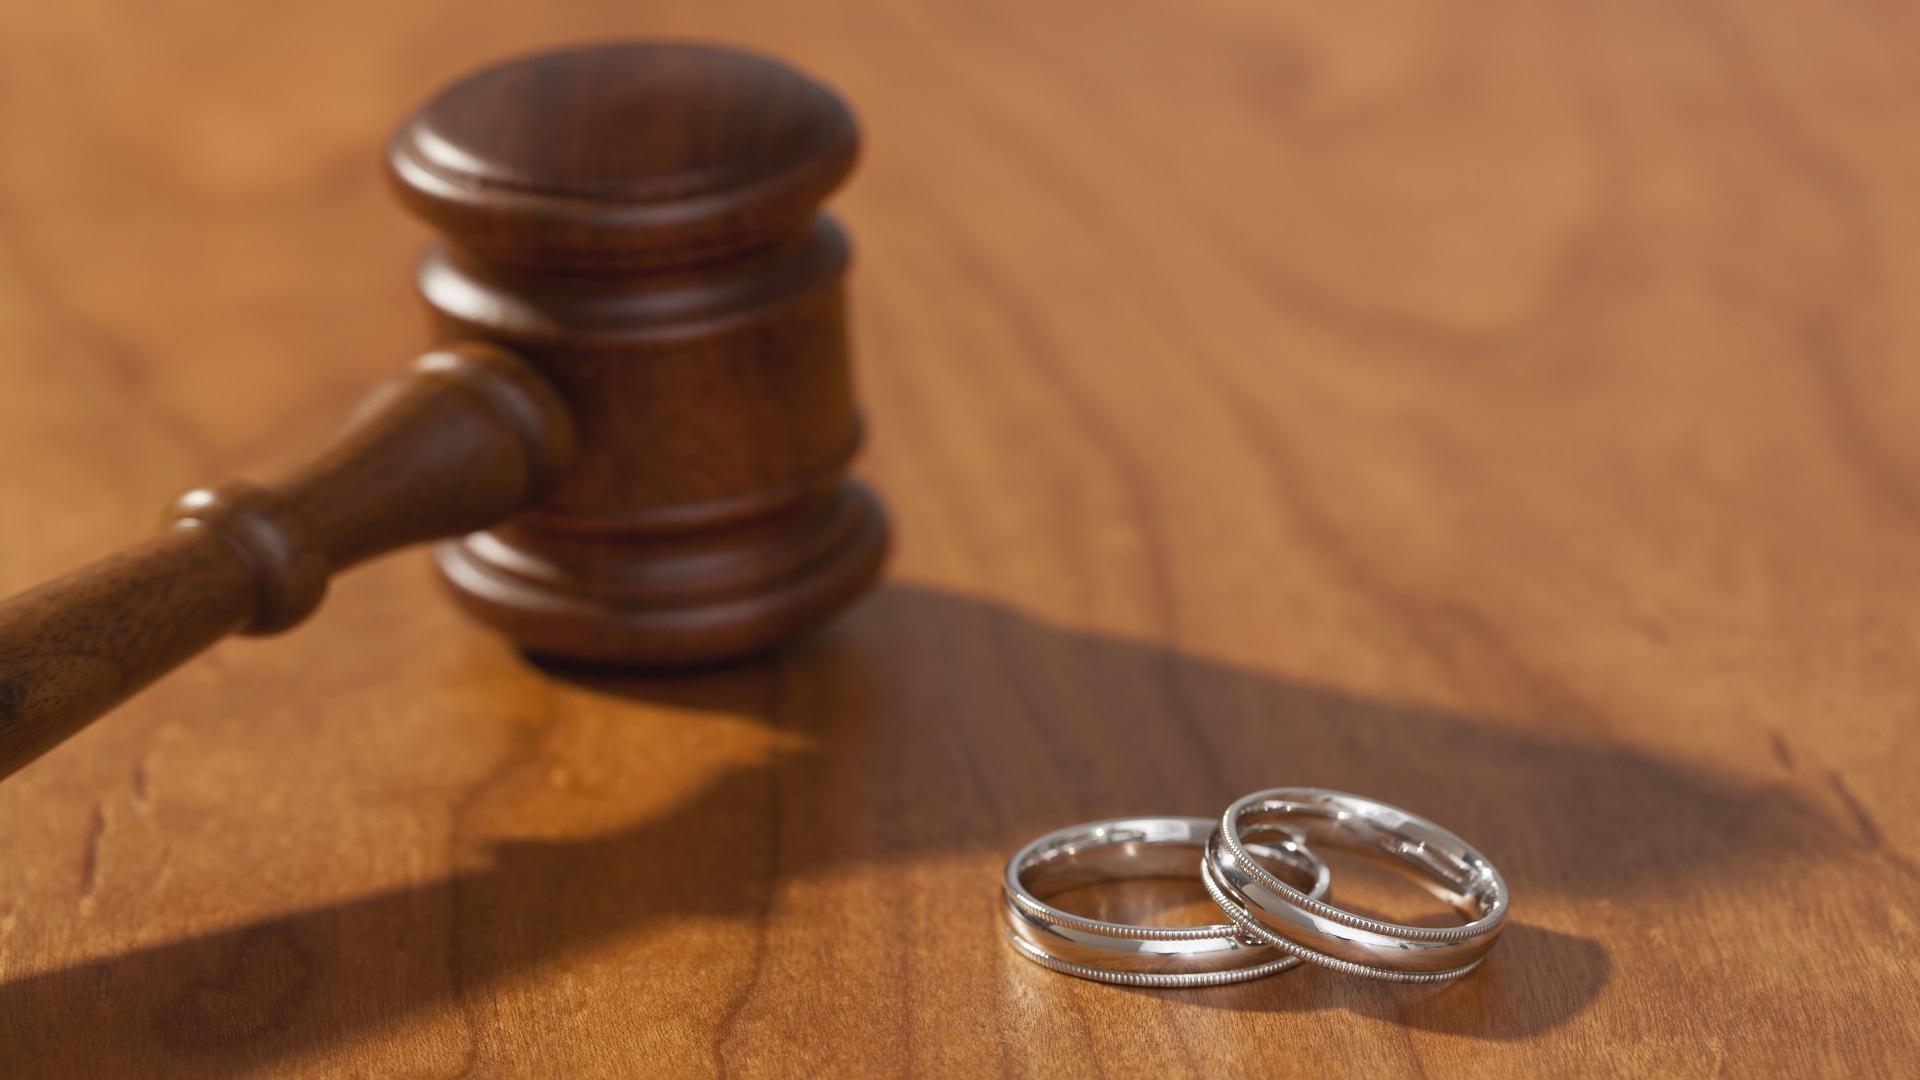 القضاء العراقي يكشف عن أغرب حالة طلاق في بغداد أحدثت صدمة